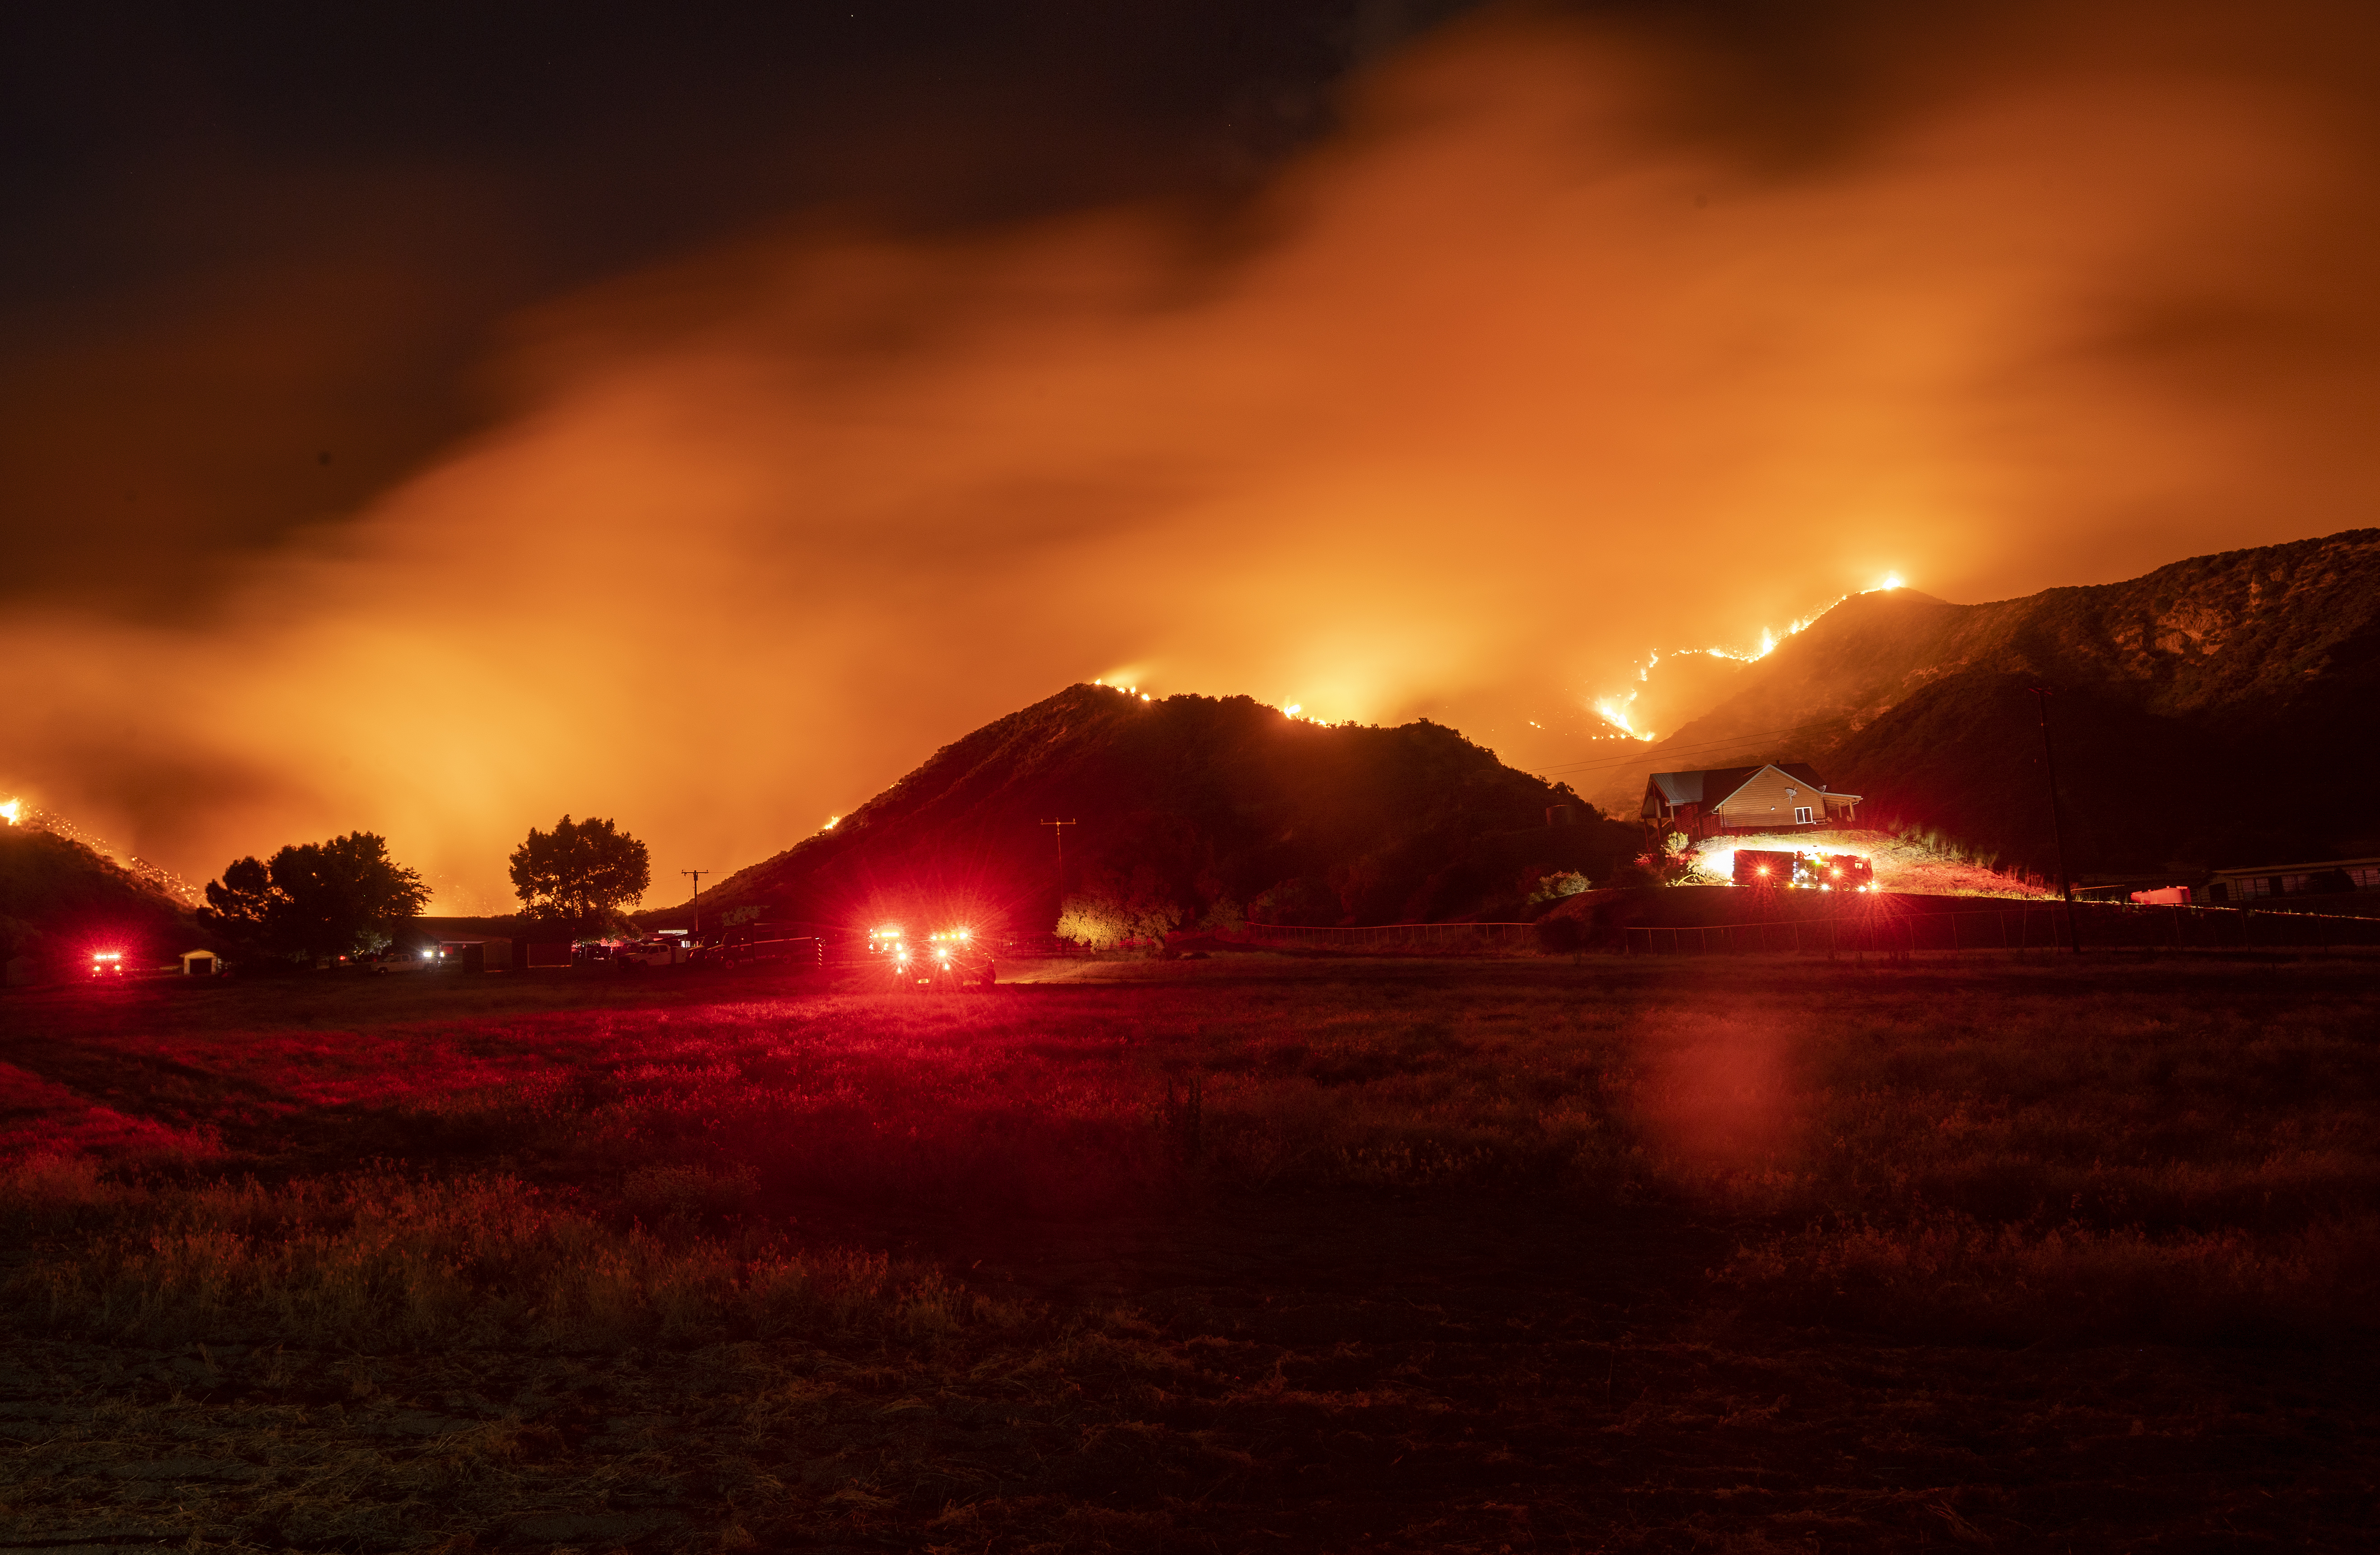 دخان كثيف بسبب الحرائق وإجلاء أكثر من 7800 شخص من المنطقة